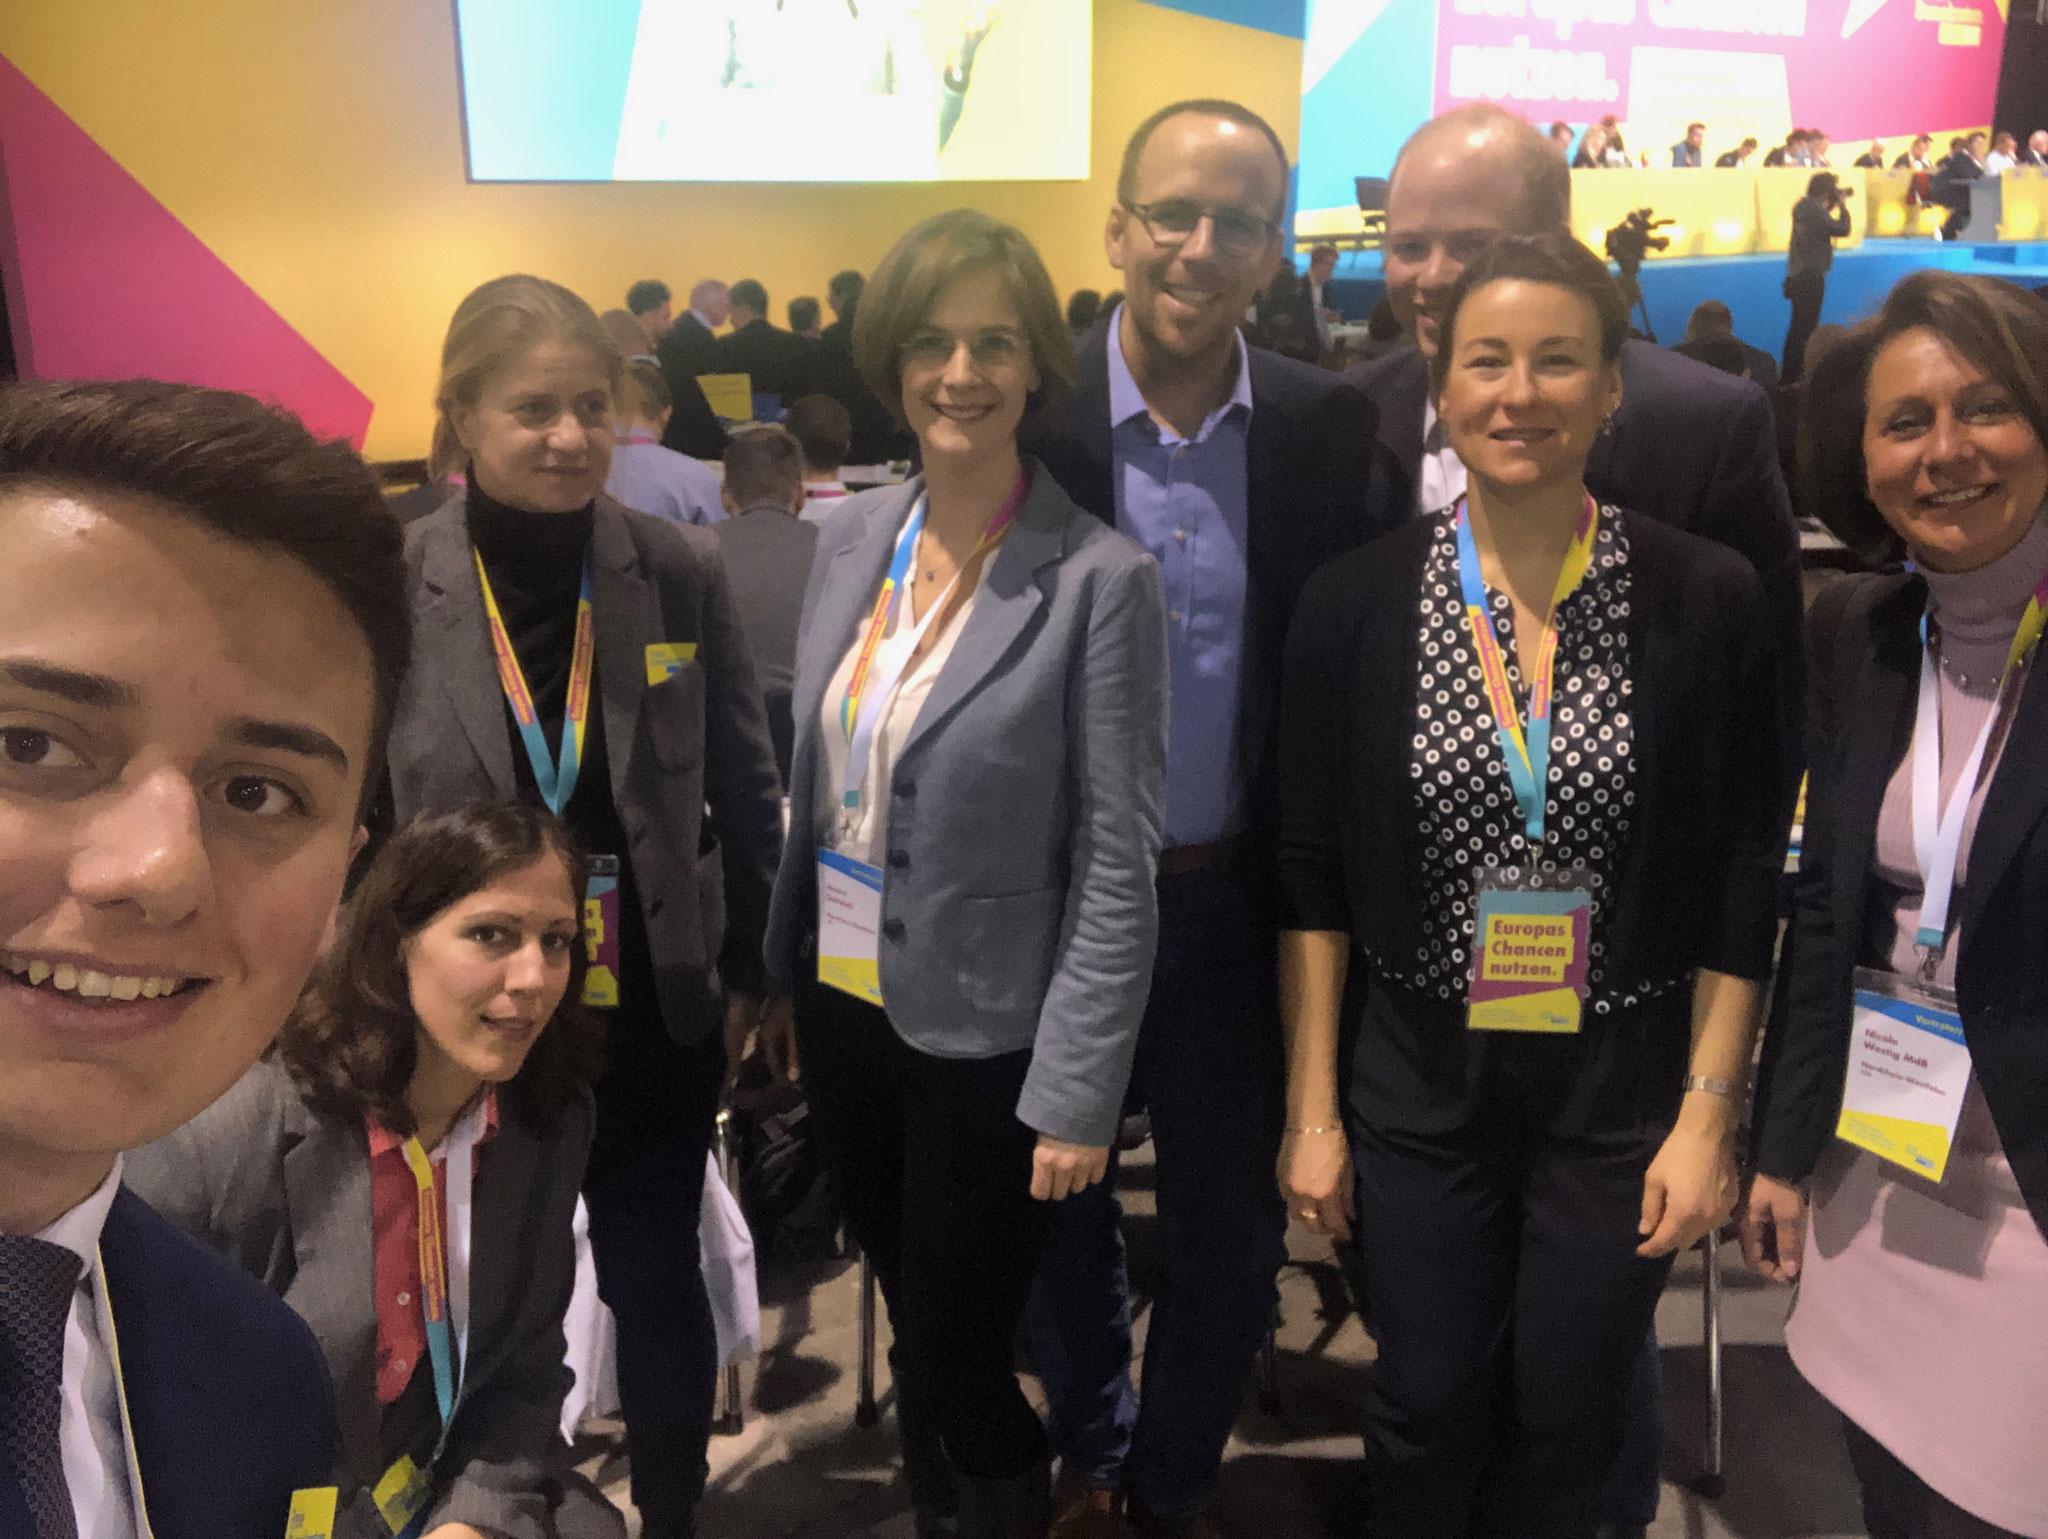 Gute Stimmung bei den Delegierten des Rhein-Sieg Kreises auf dem Europaparteitag